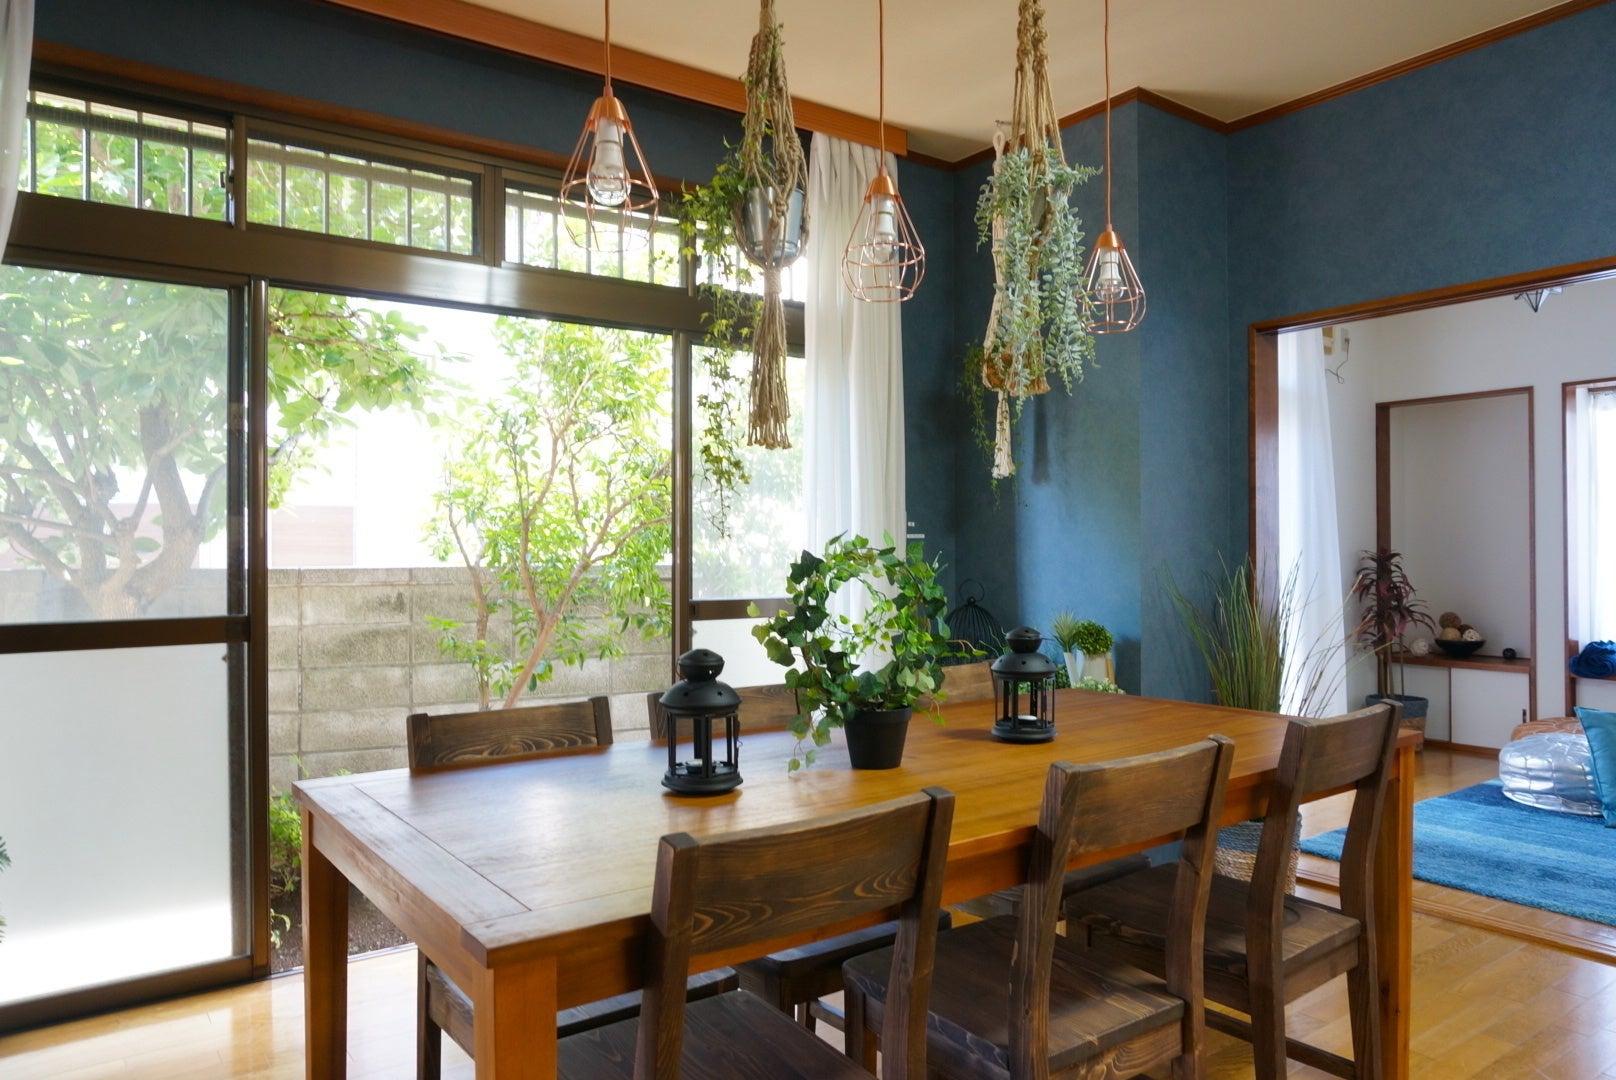 fika桜上水〜夏みかんハウス〜上品なブルーに囲まれたリビング・ボタニカルな雰囲気がフォトジェニック♪SNS投稿・動画撮影可